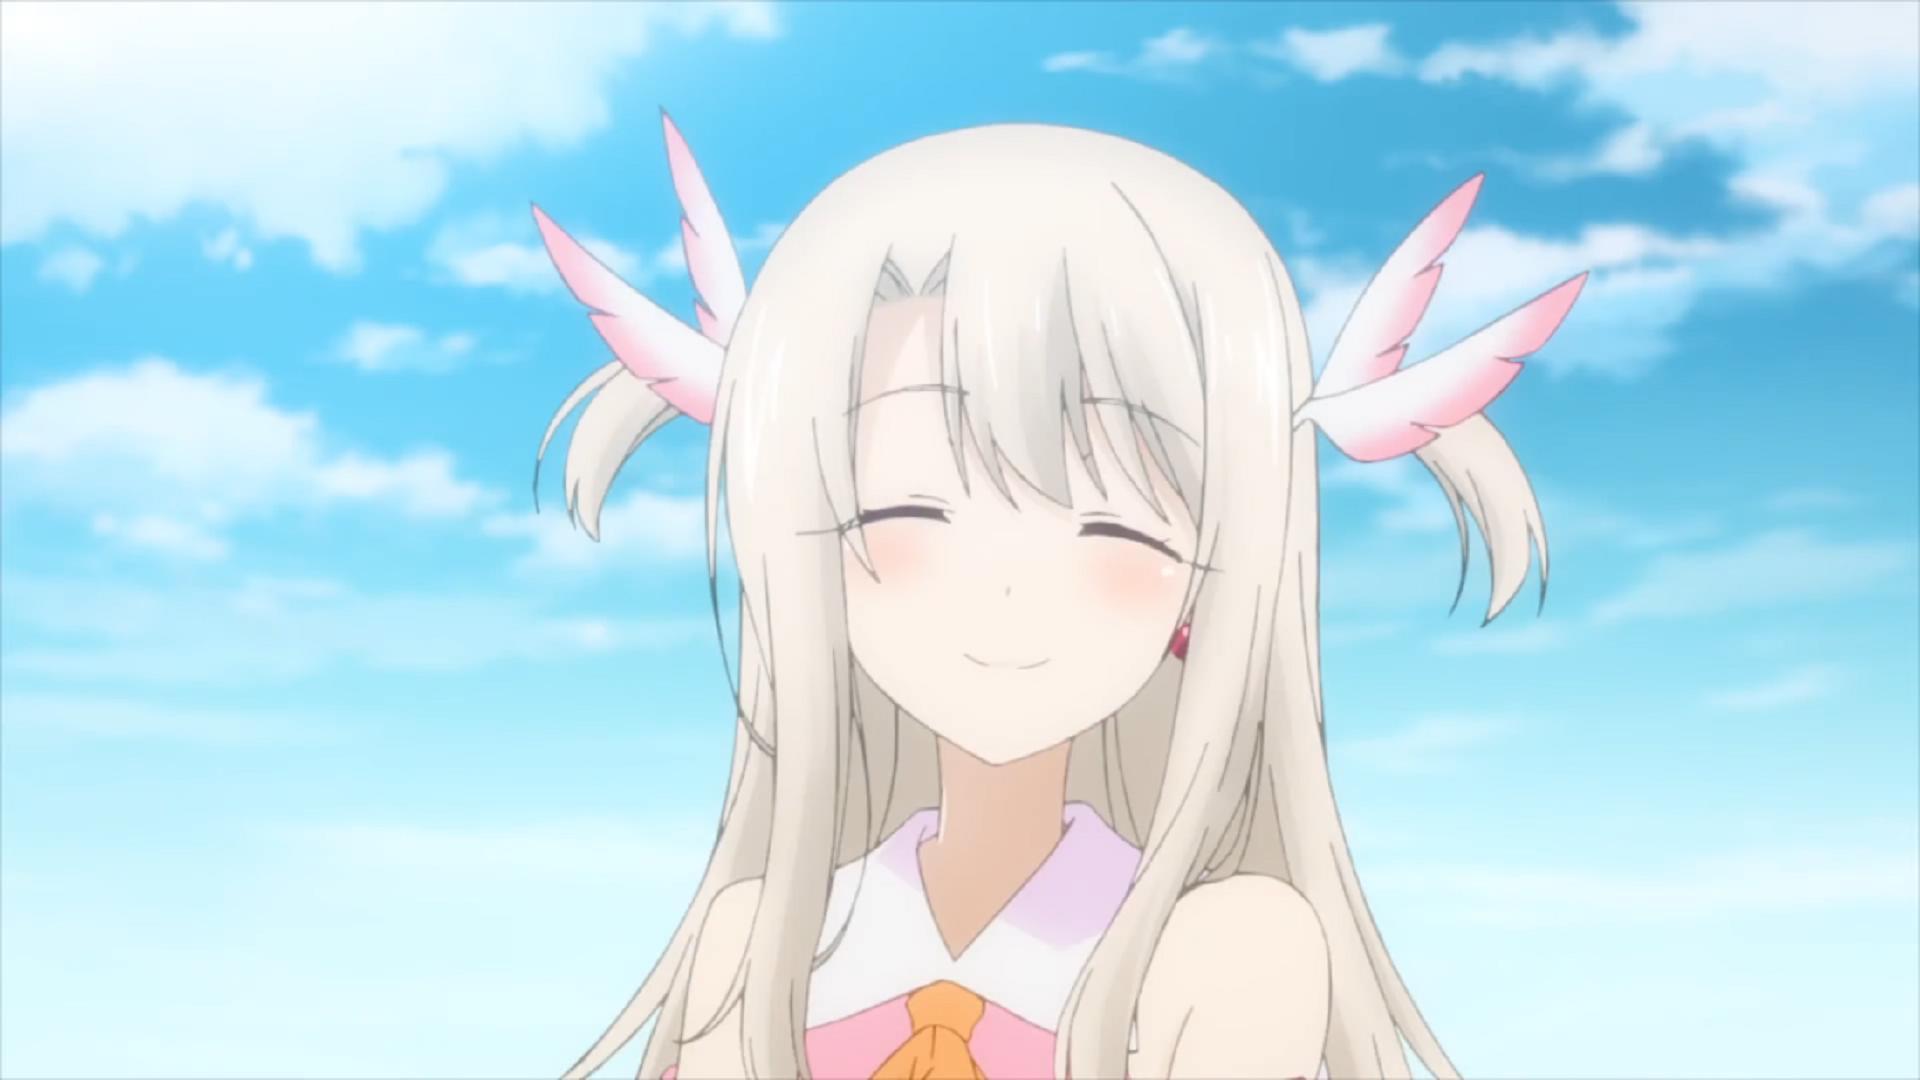 魔法少女伊莉雅OVA,魔法少女伊莉雅第五季,伊莉雅